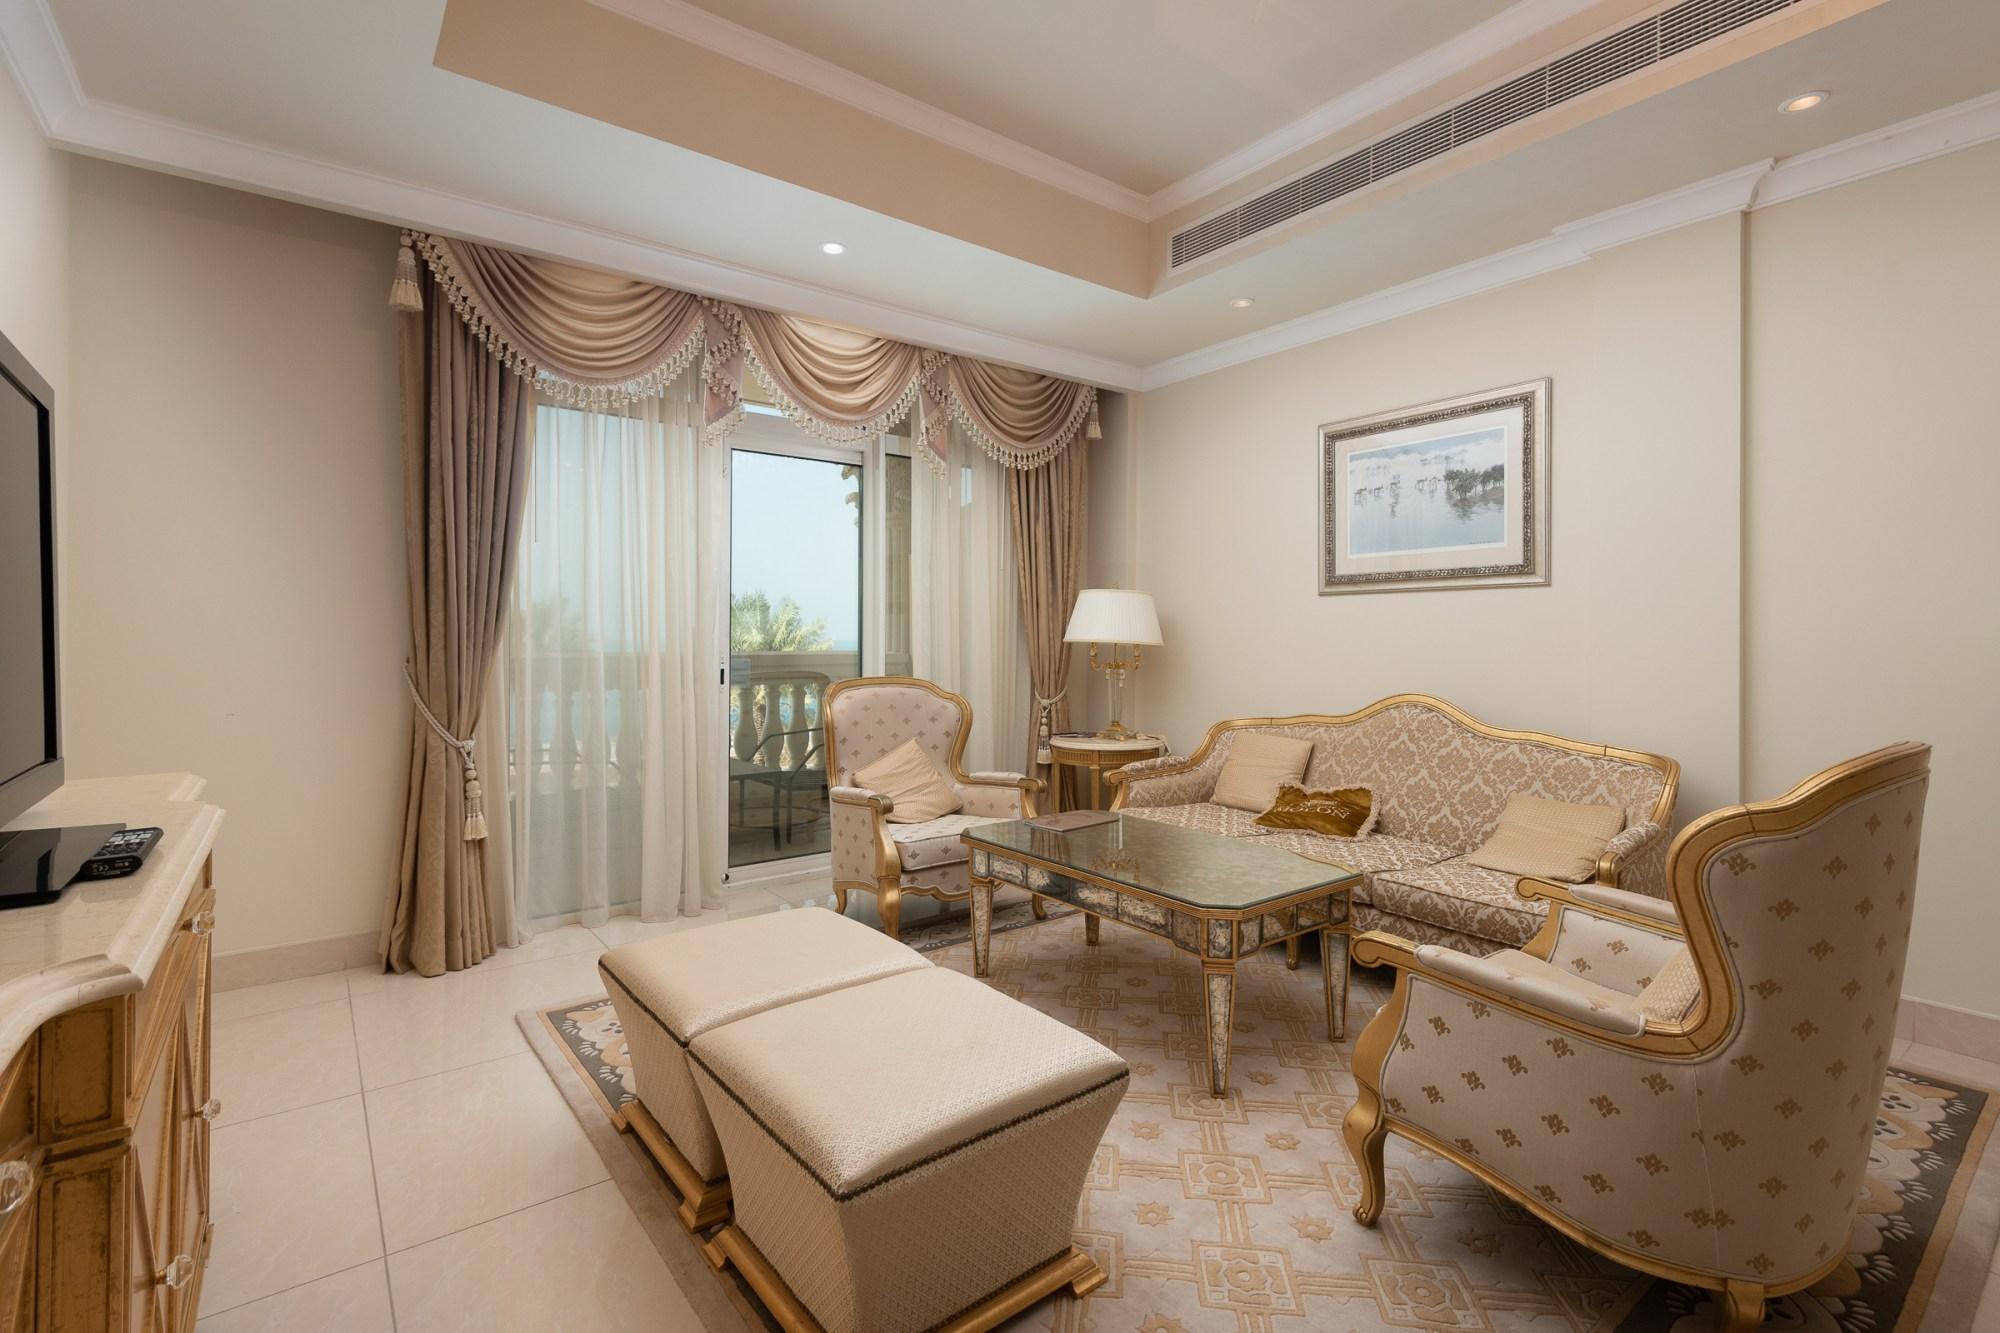 Full Ocean View | Large Prestigious Apartment